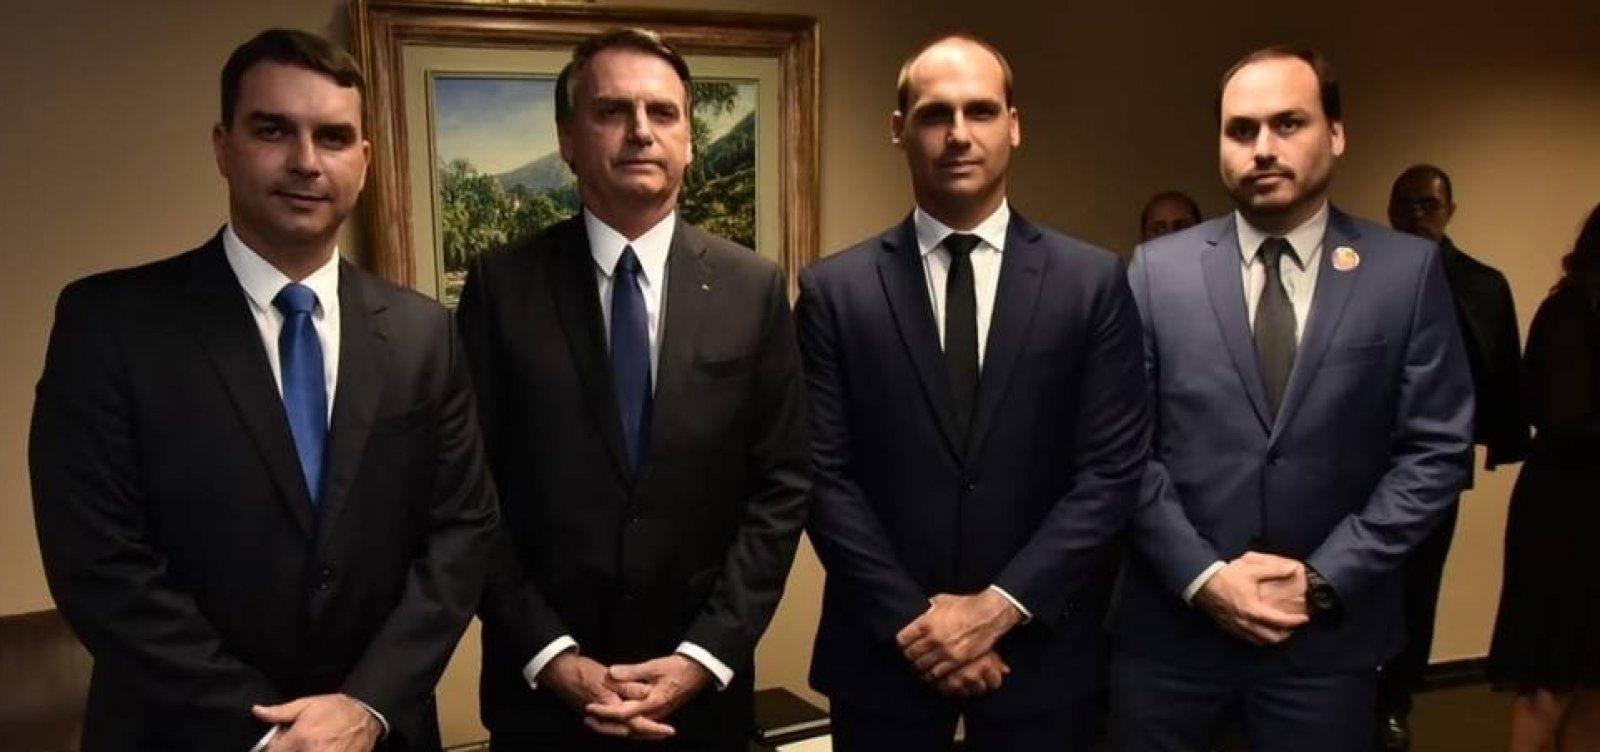 [Relatório aponta que família Bolsonaro lidera ranking de ataques à imprensa no Brasil em 2020]